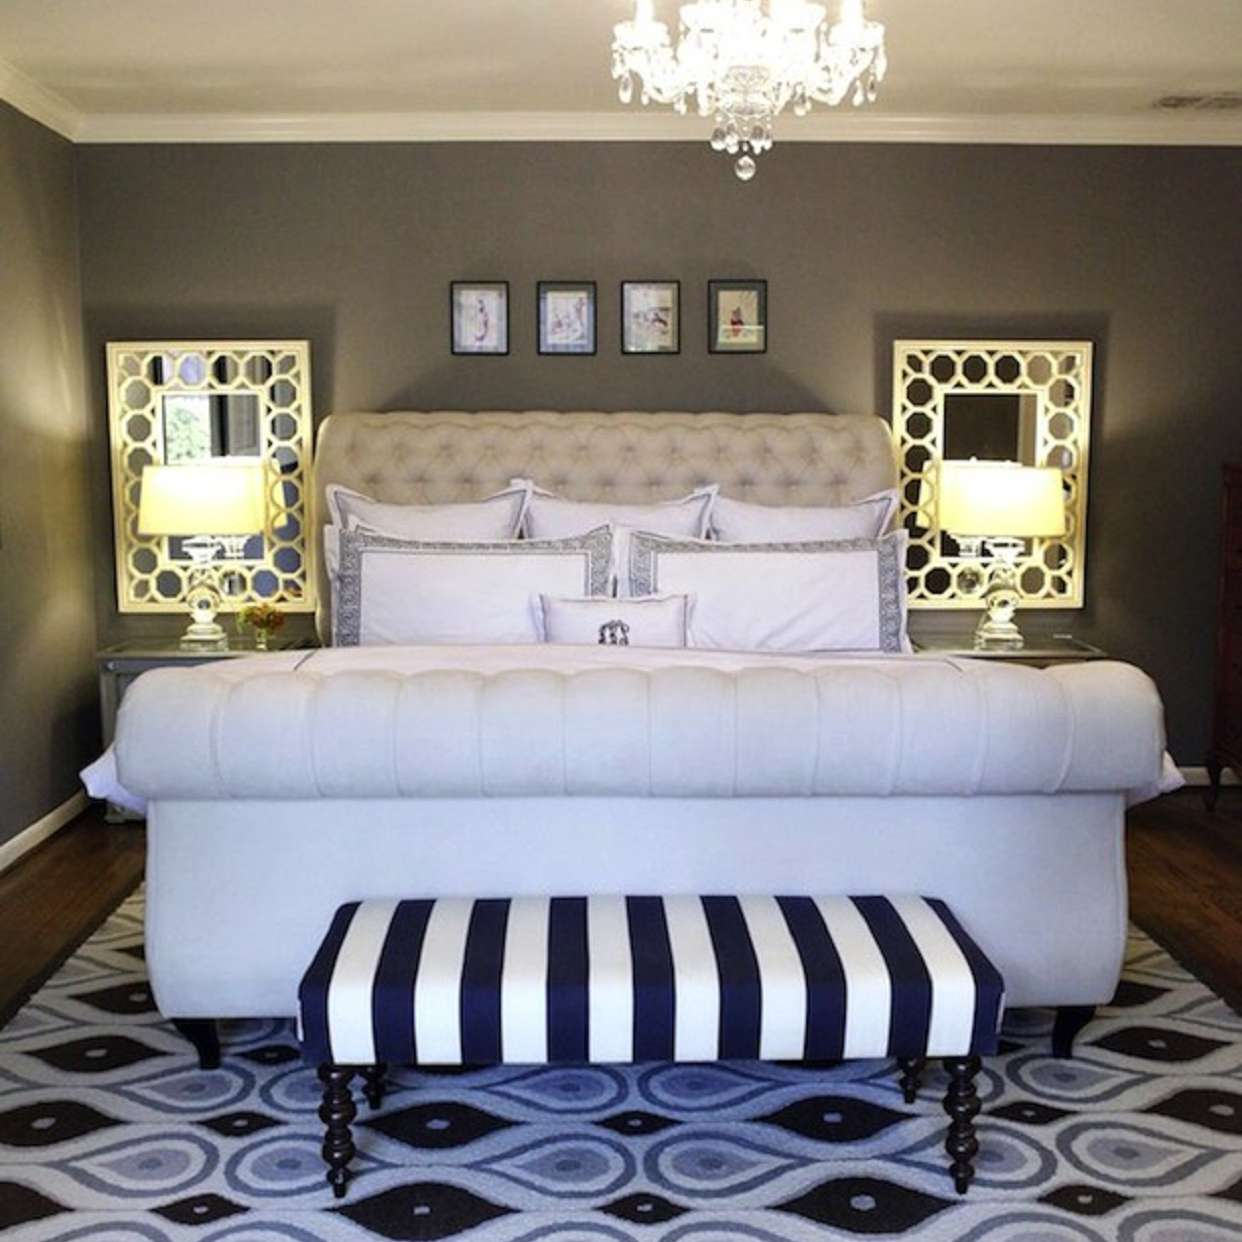 Small Hollywood regency bedroom